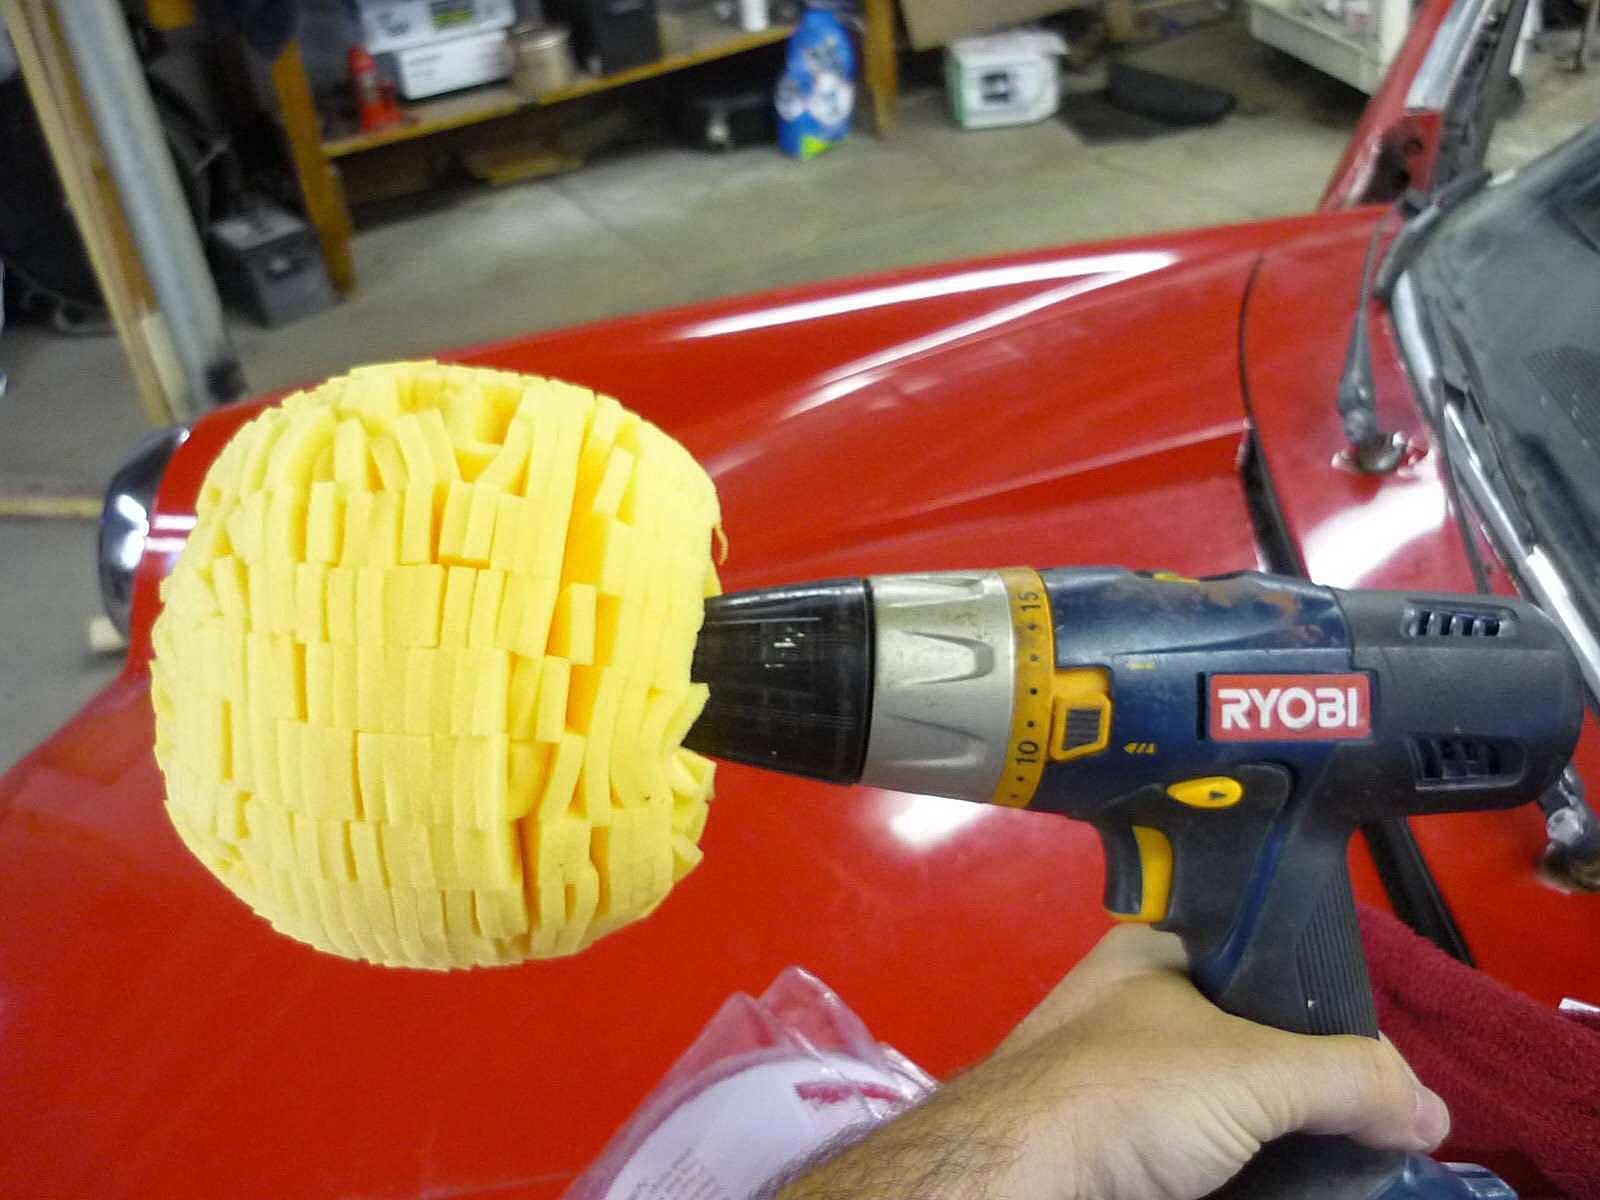 How to Safely Wax Your Car Car, Car paint jobs, Car